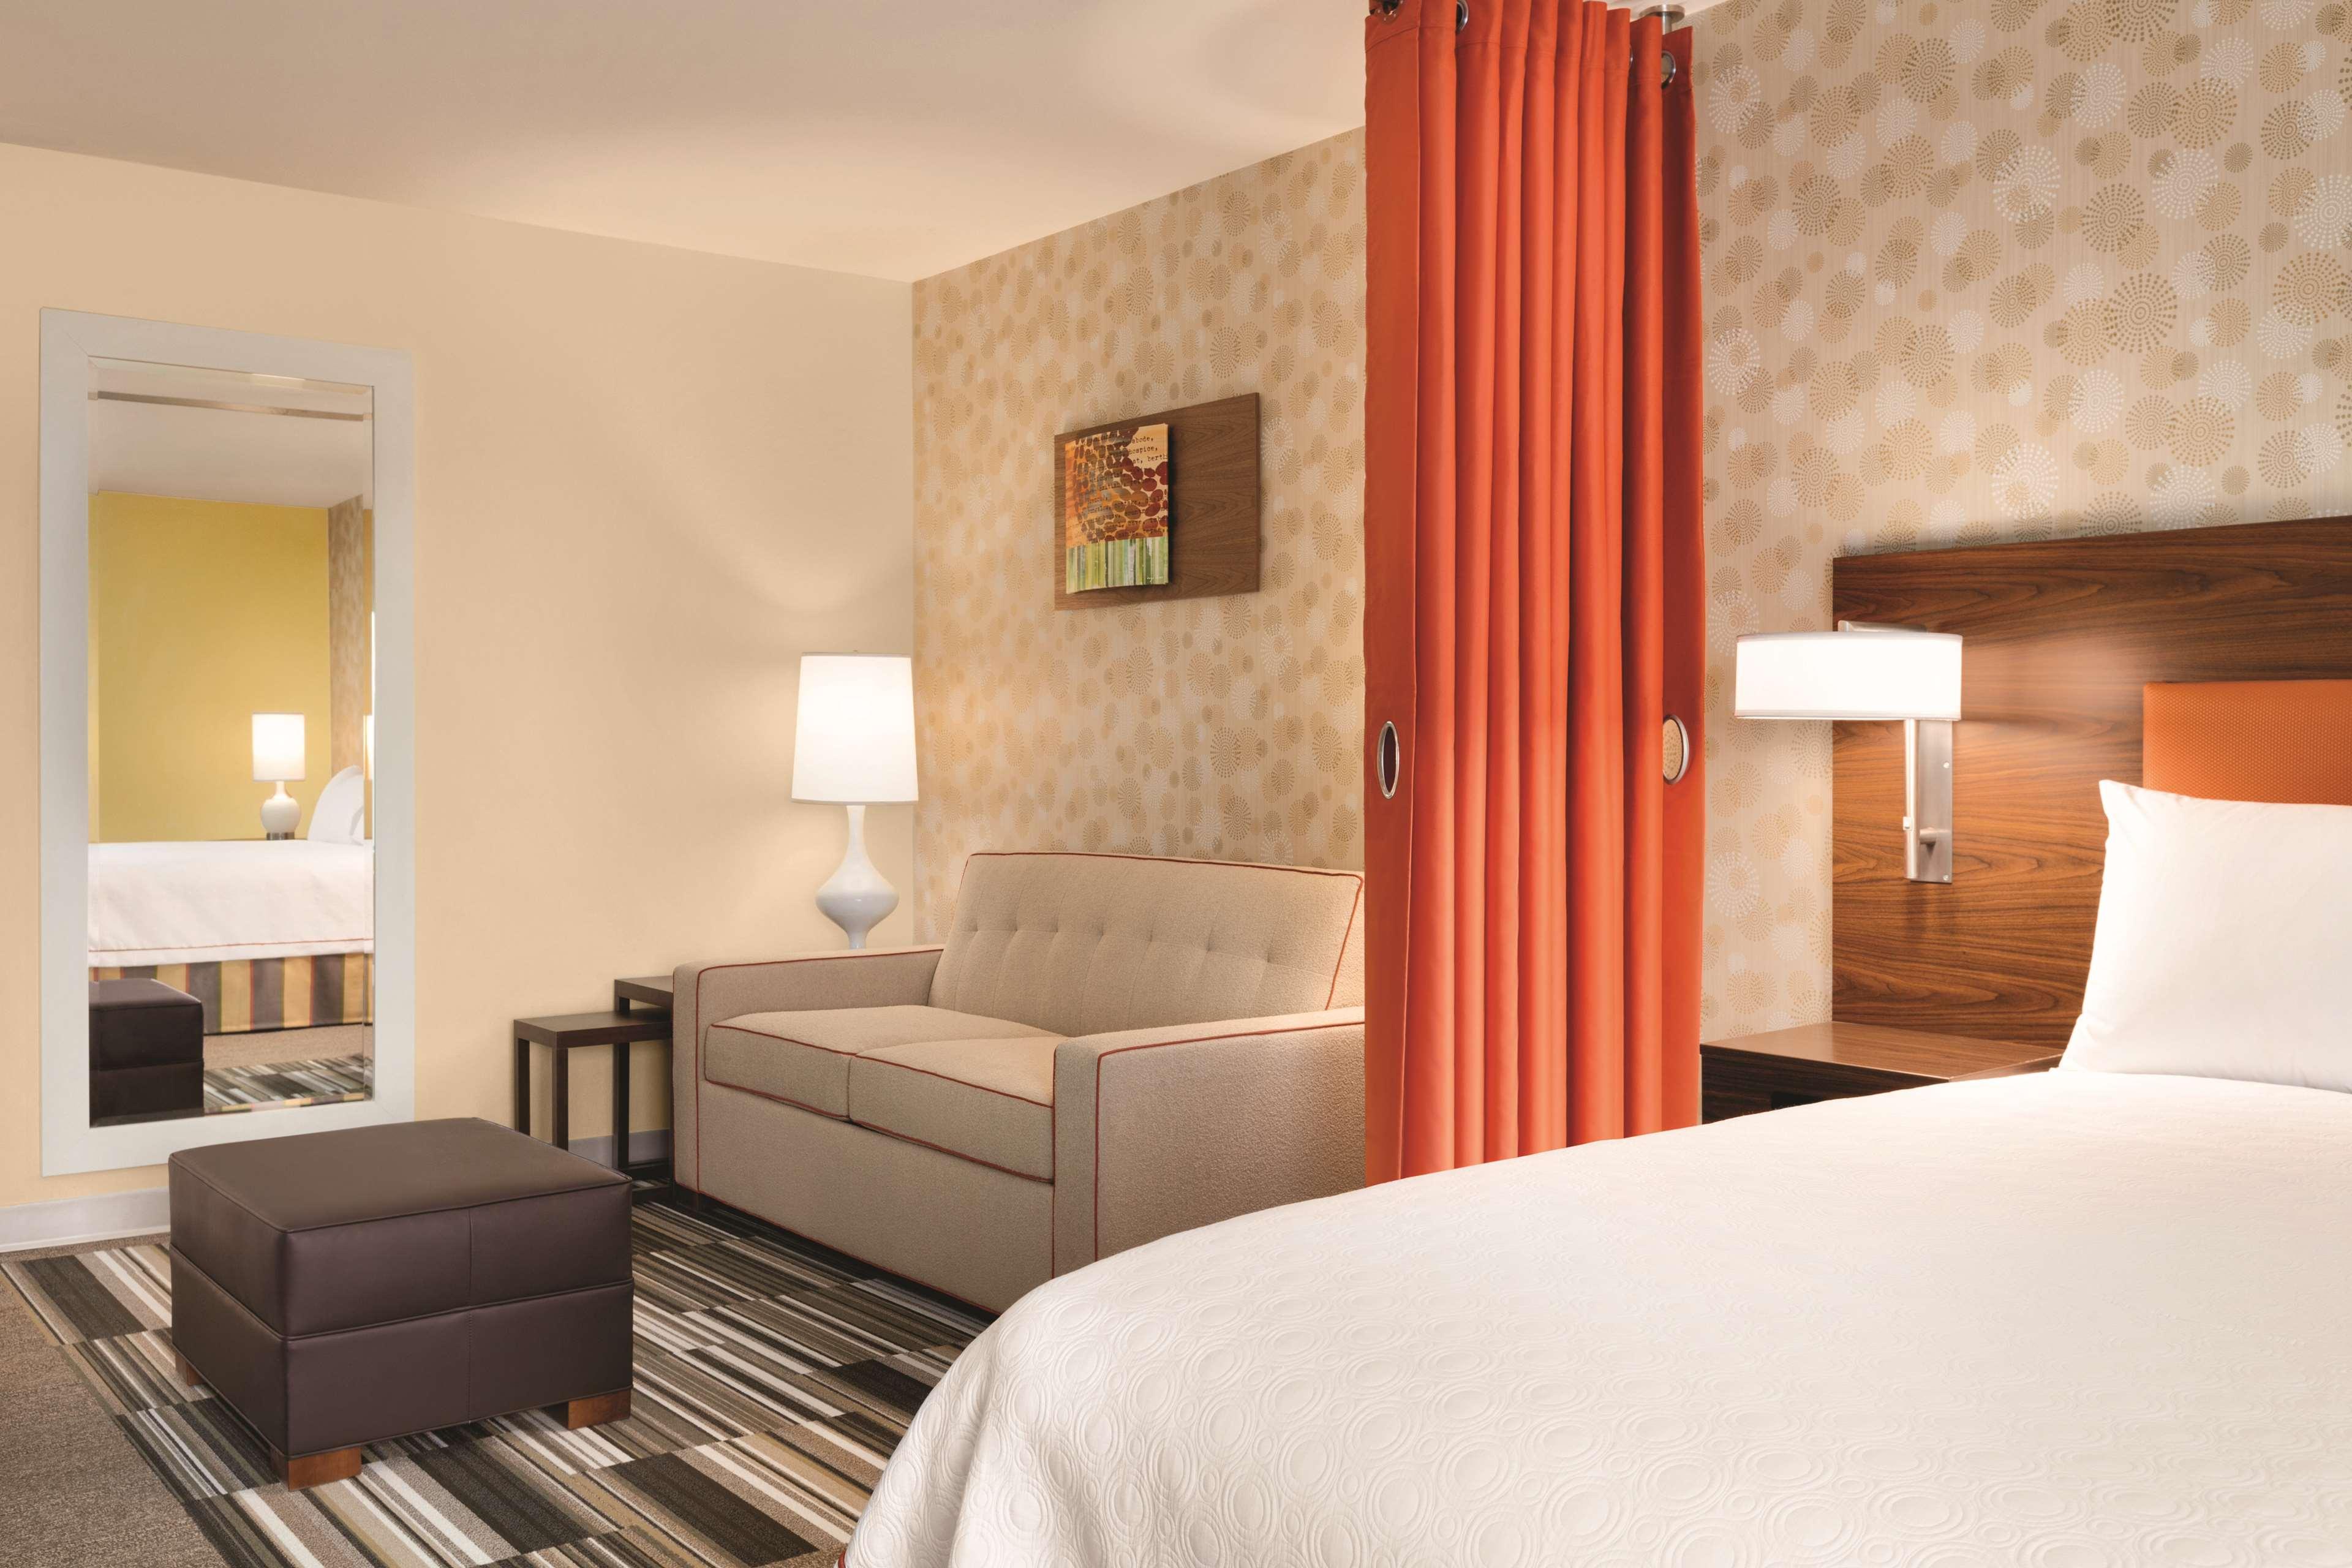 Home2 Suites by Hilton Phoenix-Tempe ASU Research Park image 20